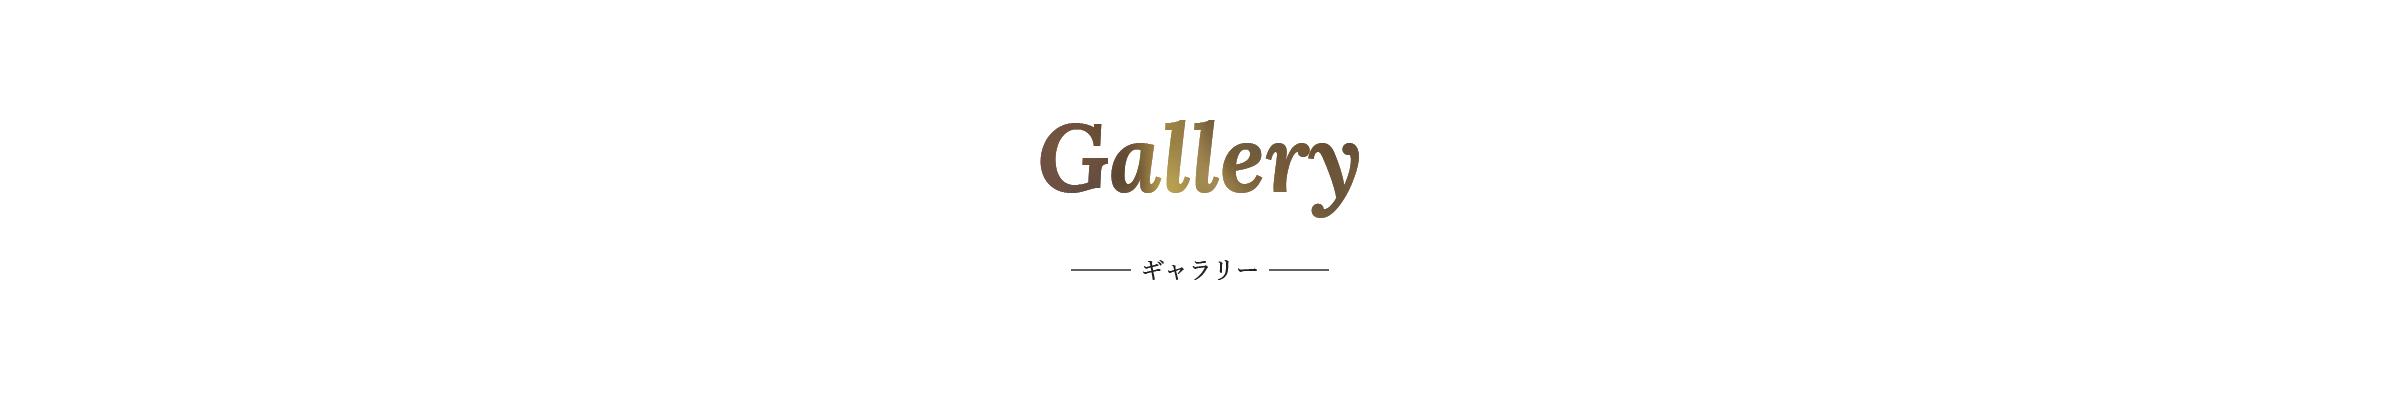 Gallery-ギャラリー-